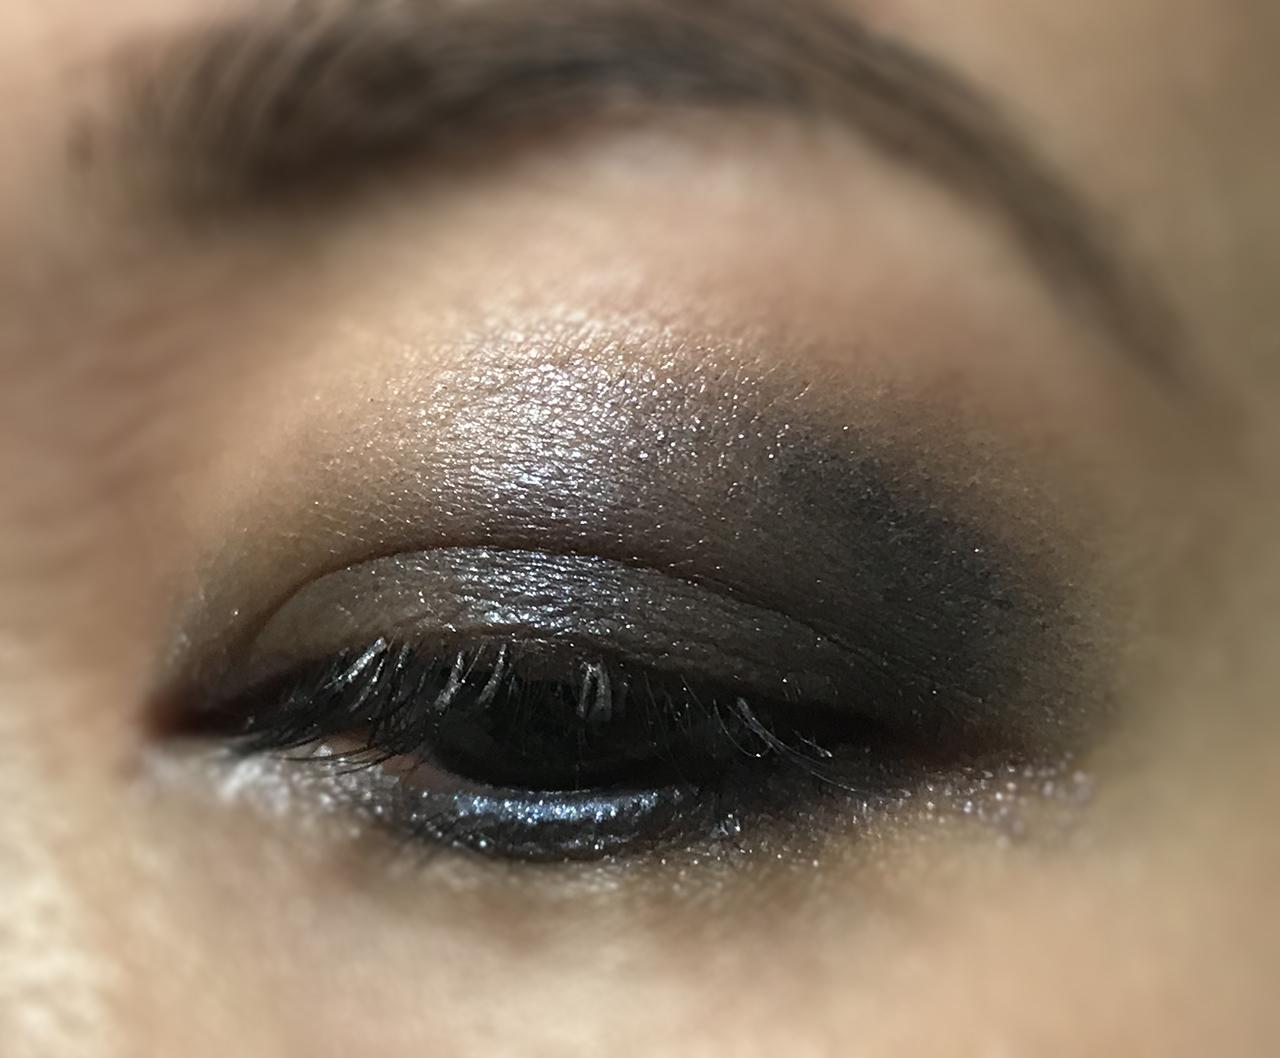 Tom Ford Soleil Neige eye makeup look